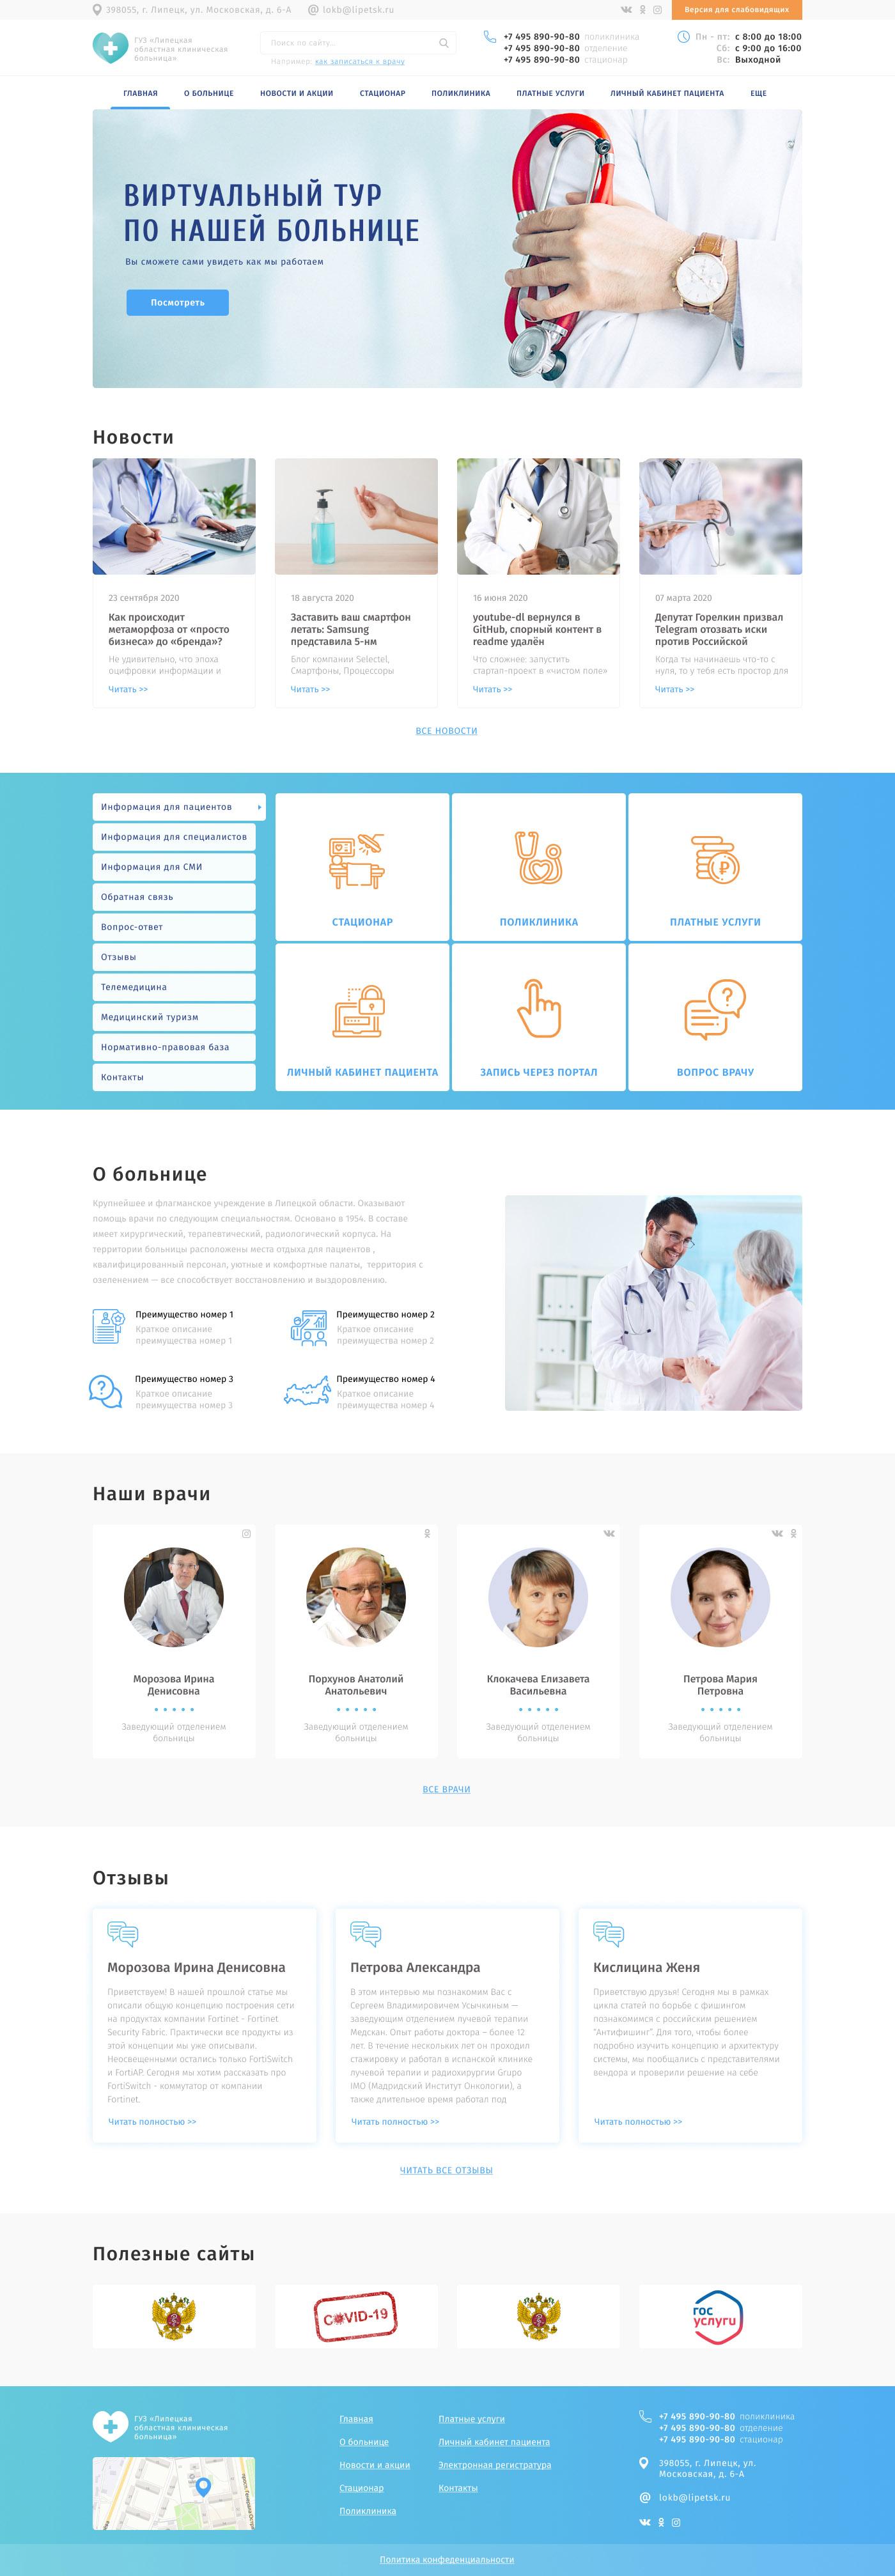 Дизайн для сайта больницы. Главная страница + 2 внутренних. фото f_4645fb380169fd90.jpg